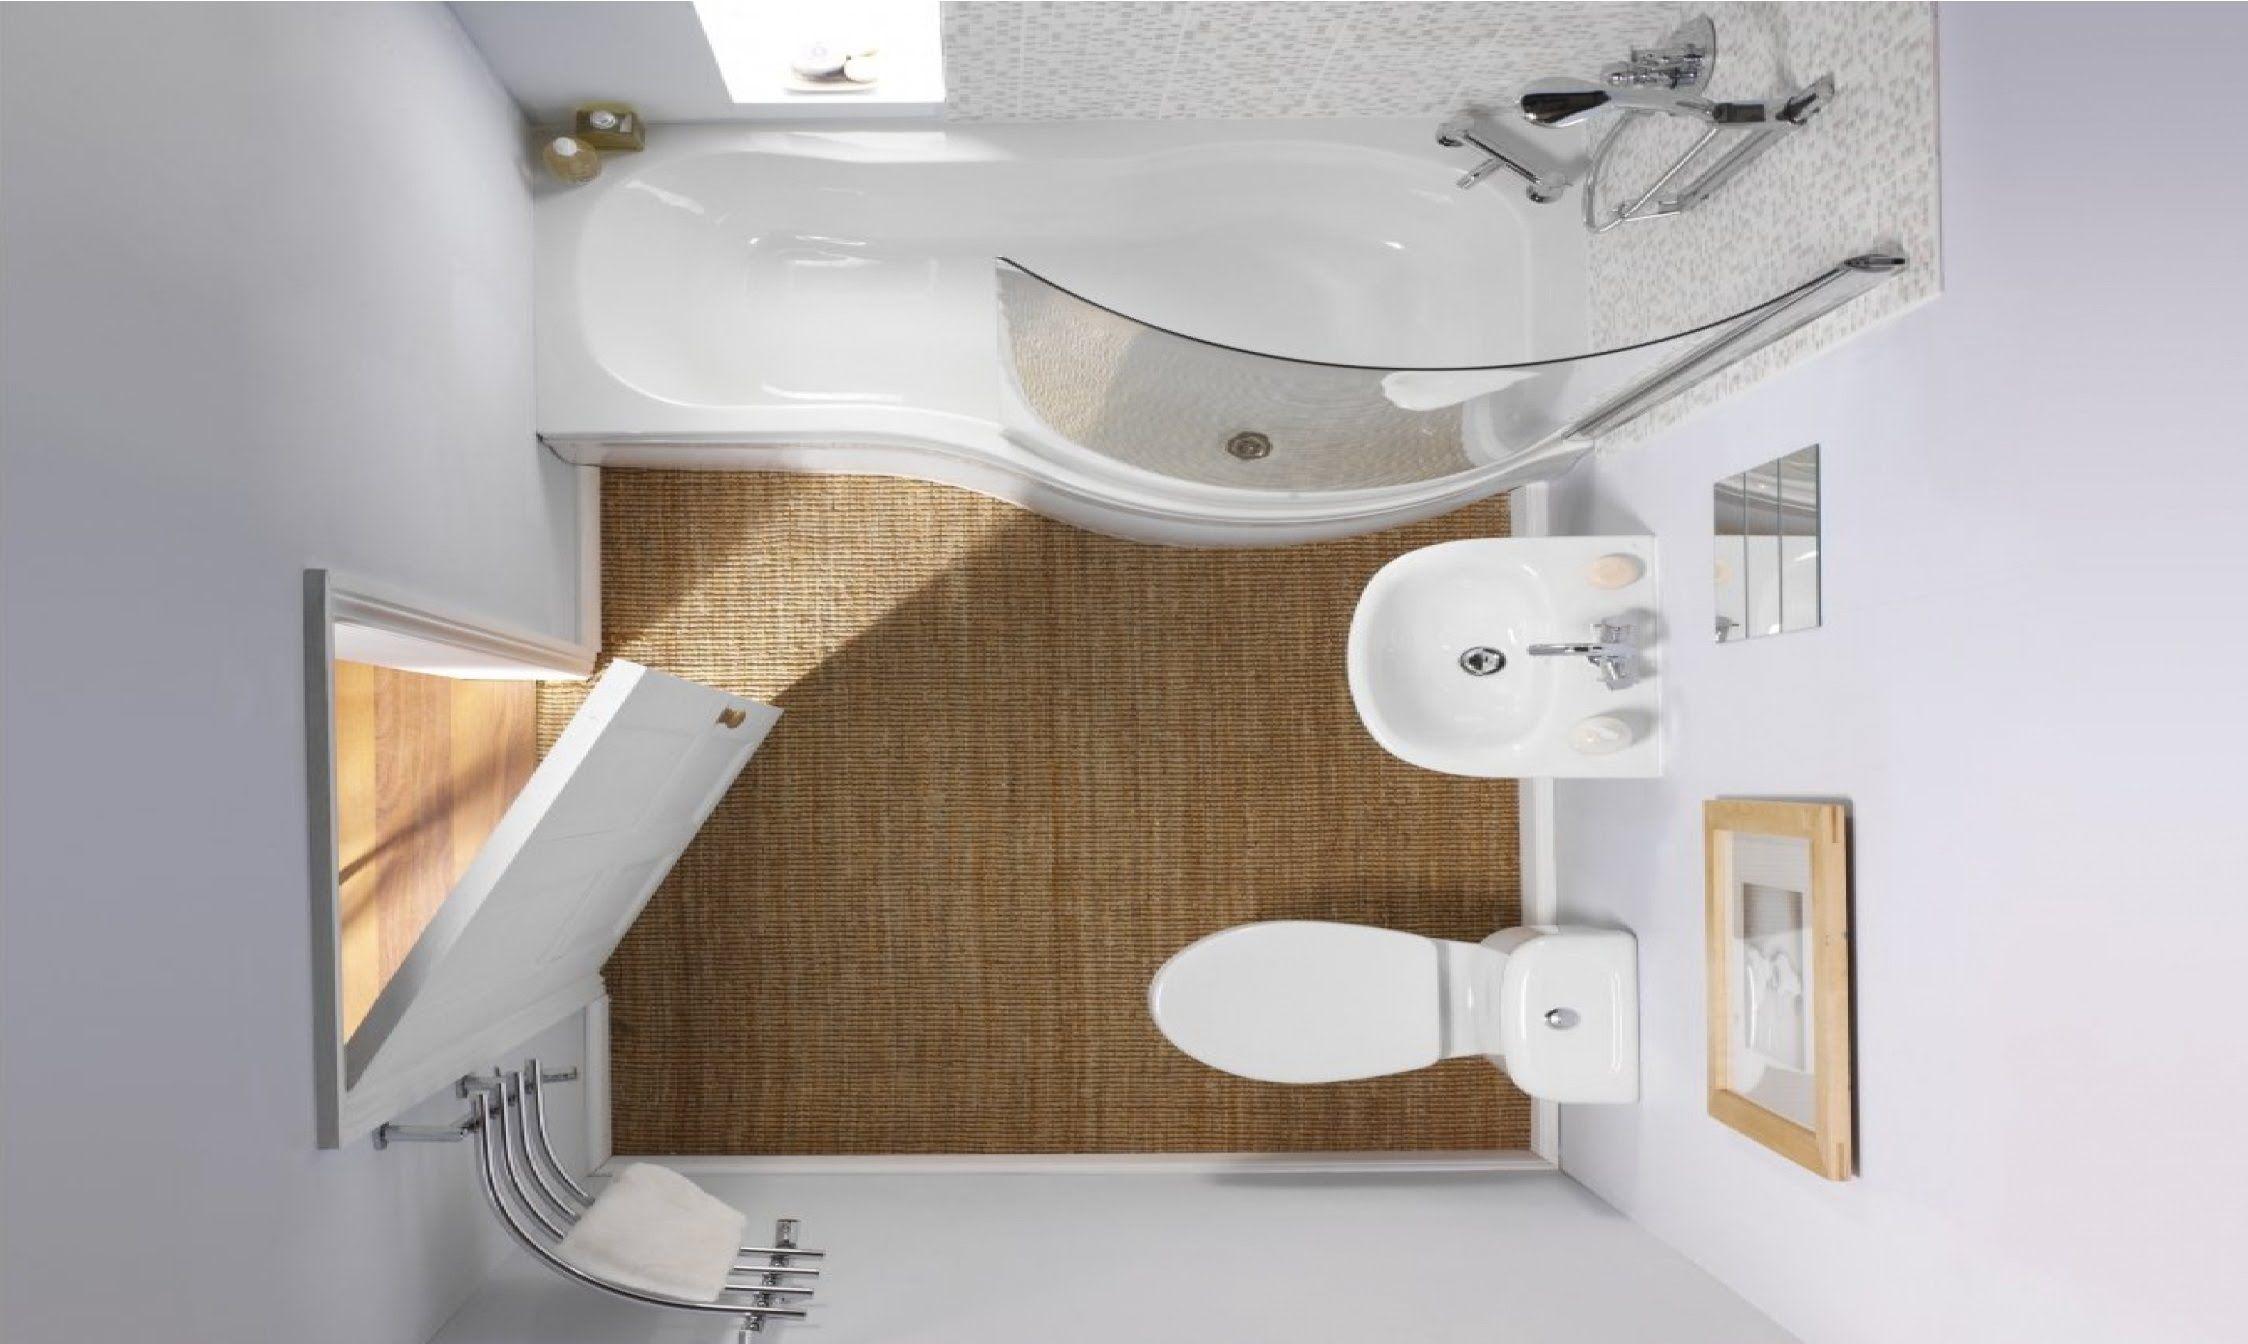 Einzigartige Kleine Badezimmer Entwürfe  Kleines bad mit dusche